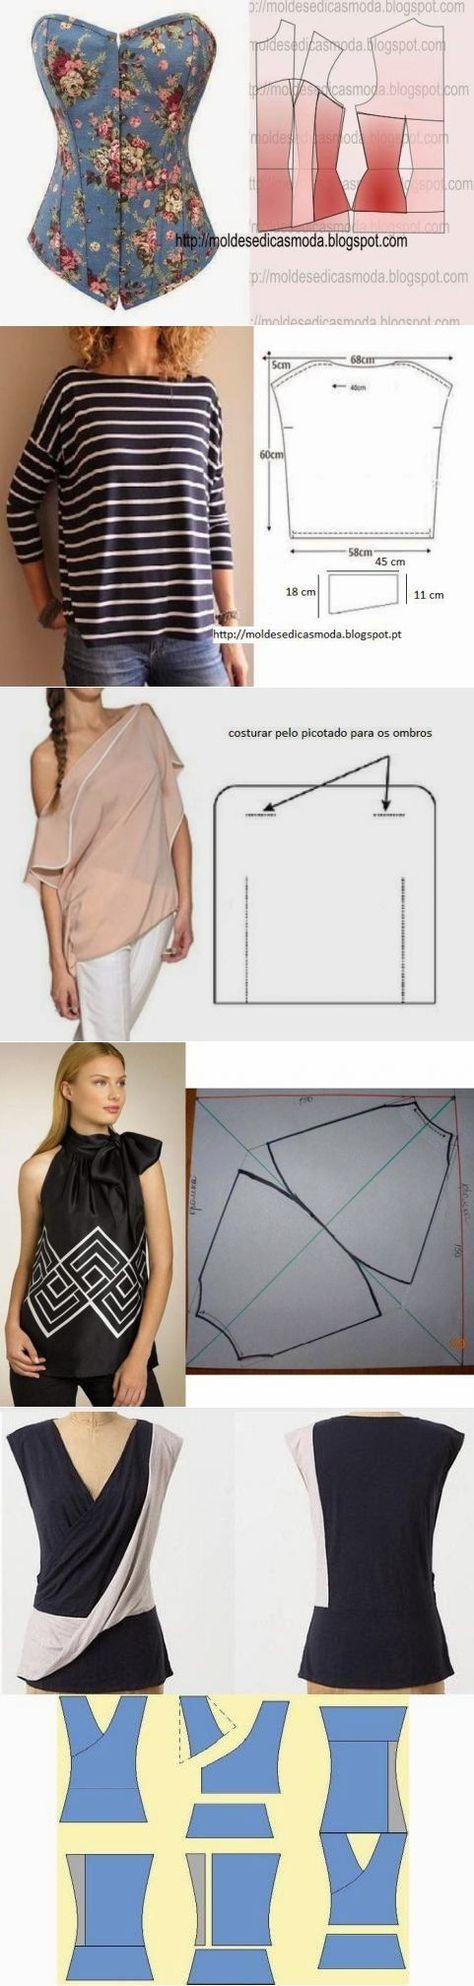 Летние юбки и блузы с простыми выкройками...<3 Deniz <3